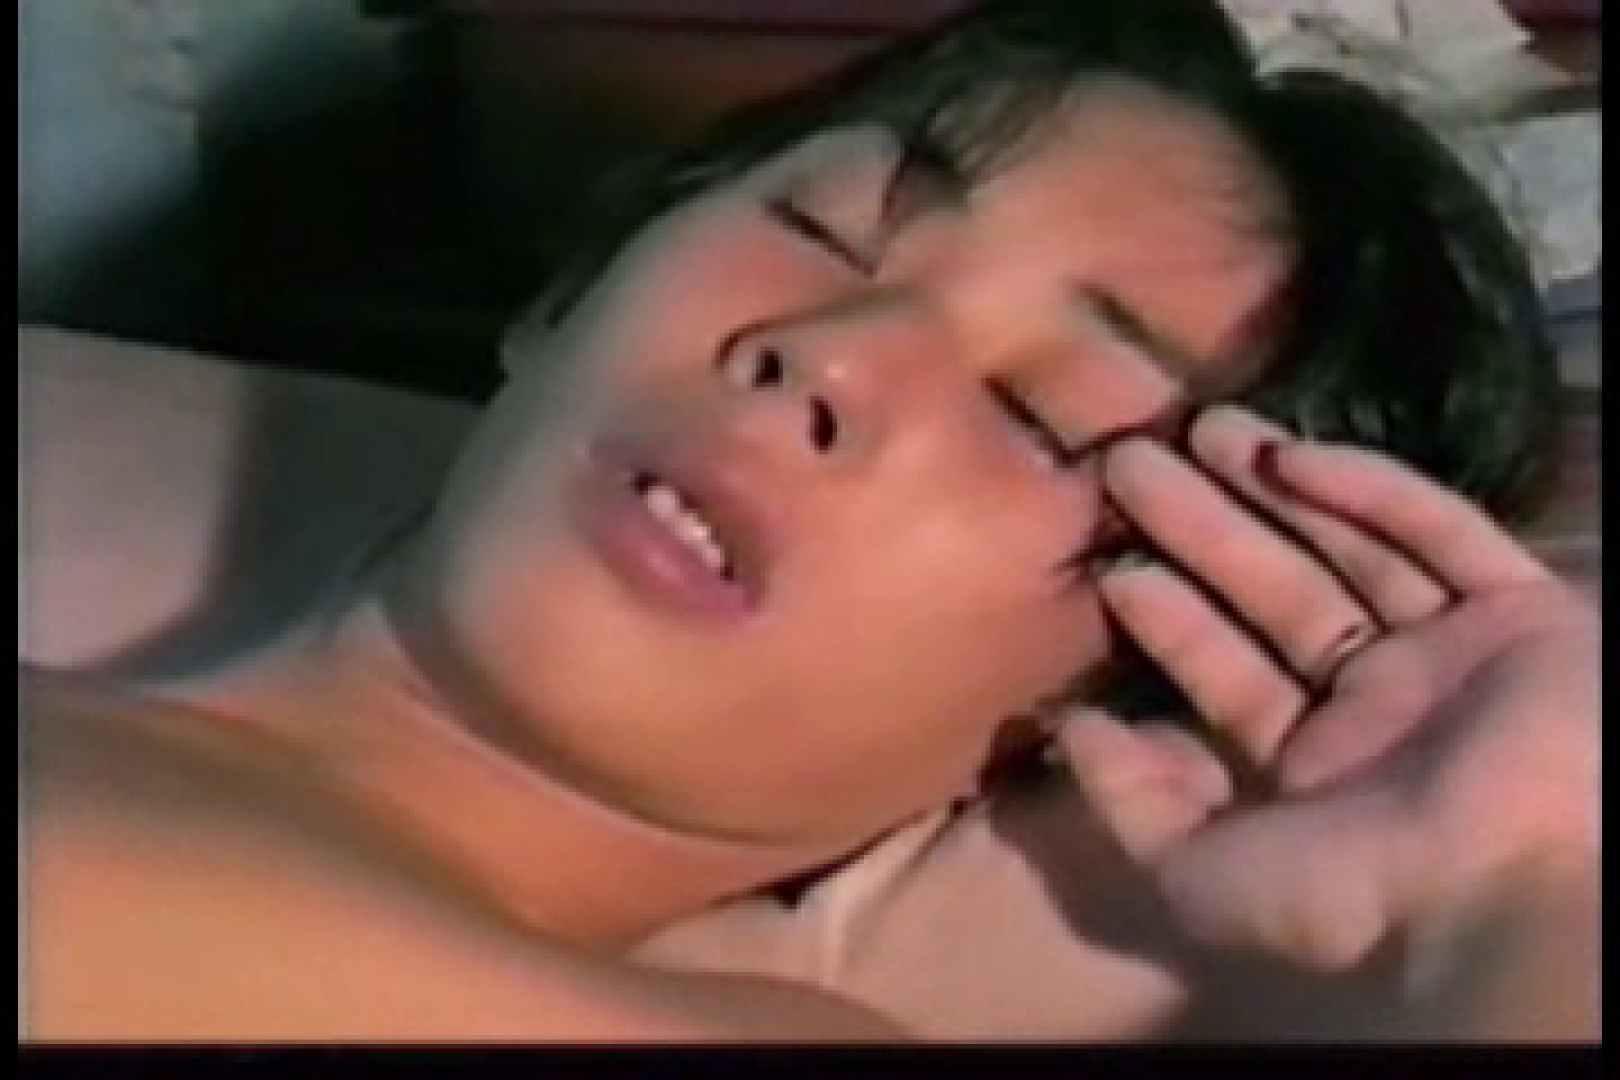 【個人製作】若き男子たちのジャム遊び 男・男 ゲイ無料無修正画像 65pic 26